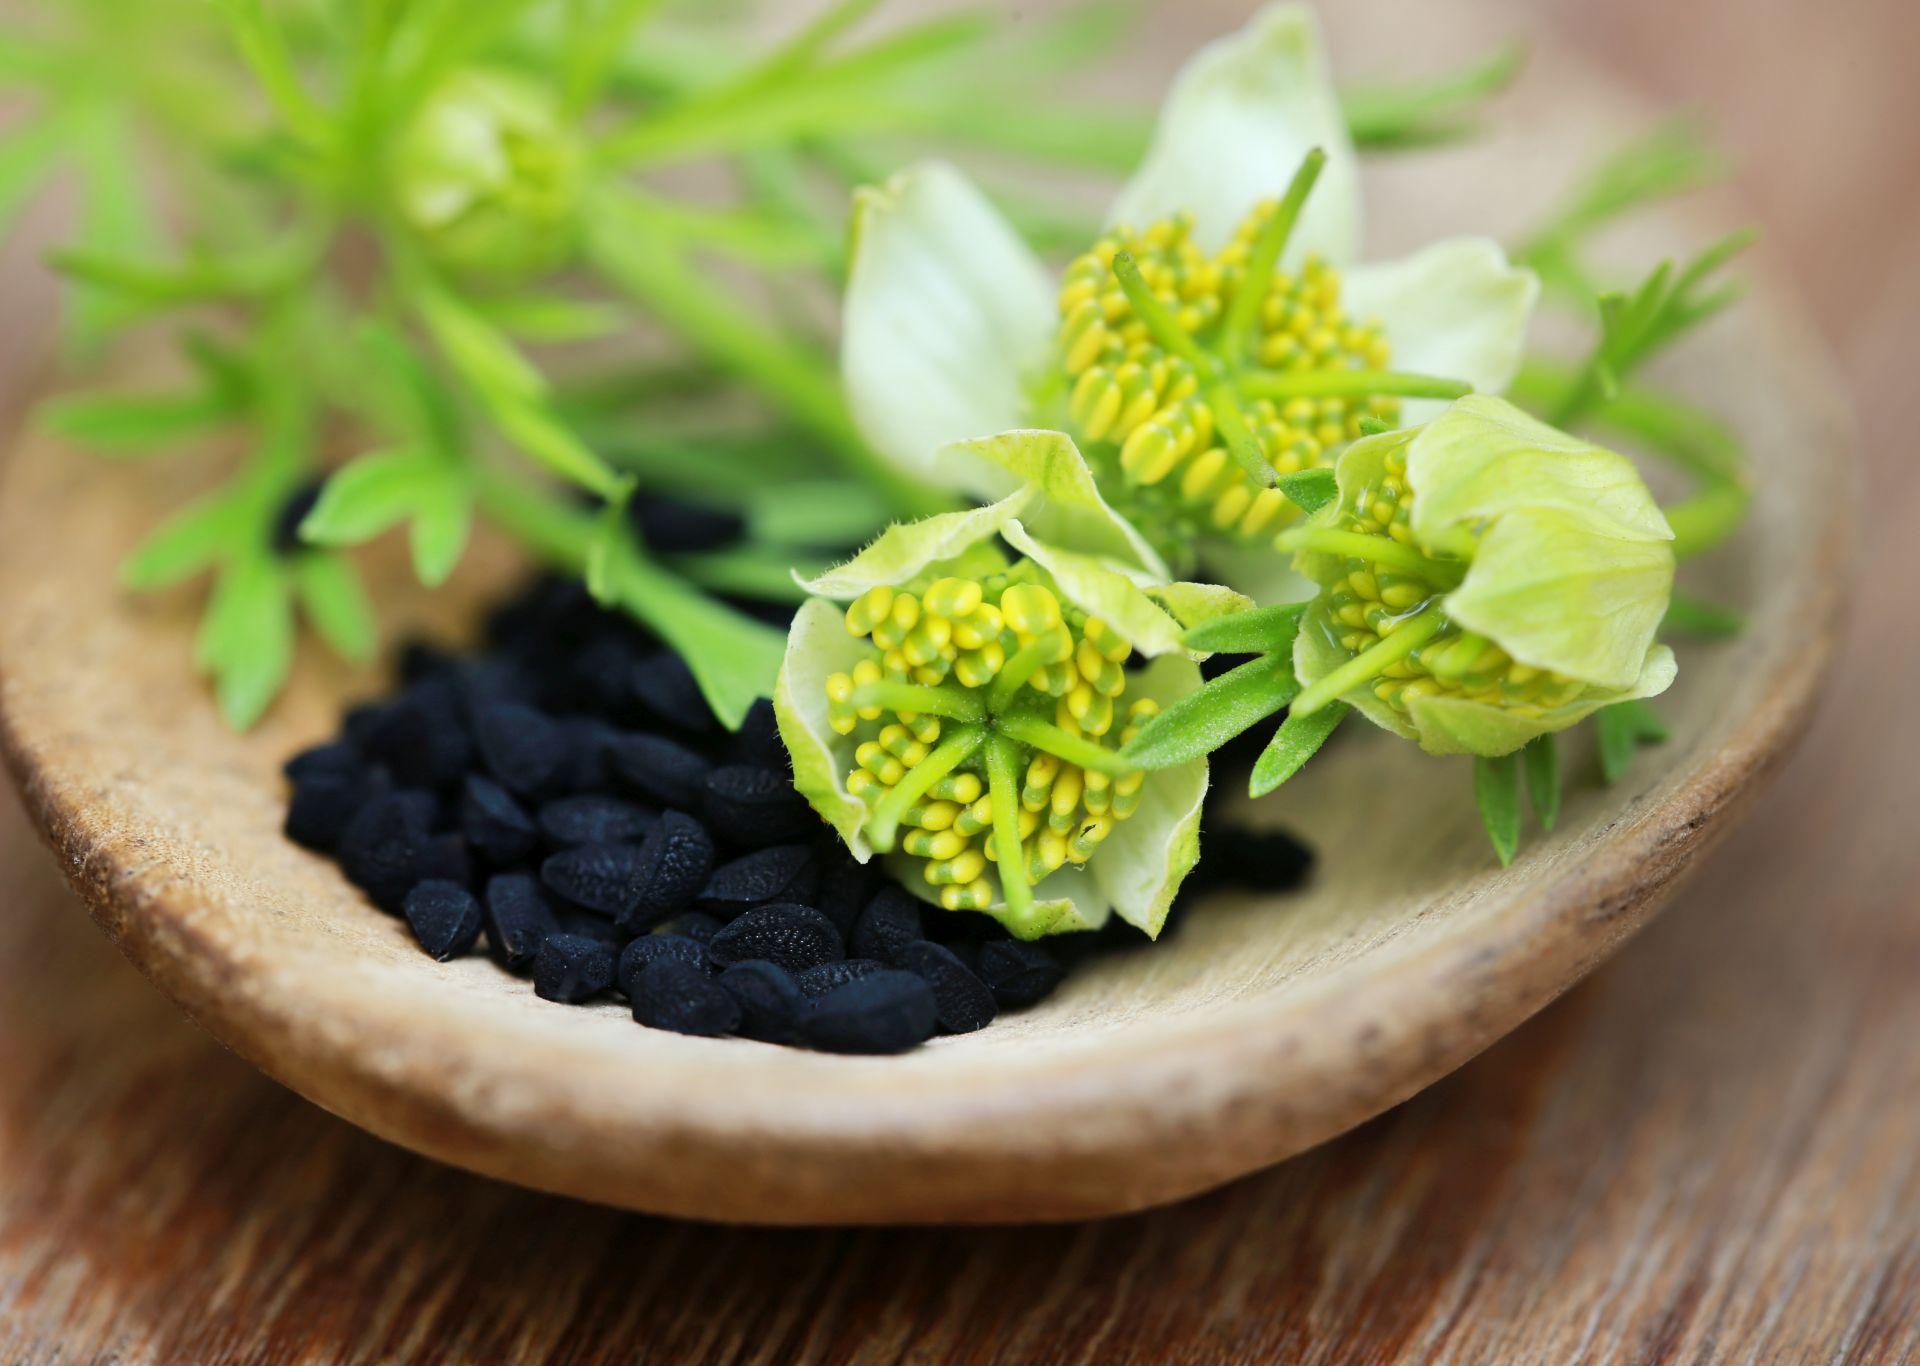 Olej z czarnuszki i ziarna z czarnuszki są stosowane w diecie przy wysokim cholesterolu.